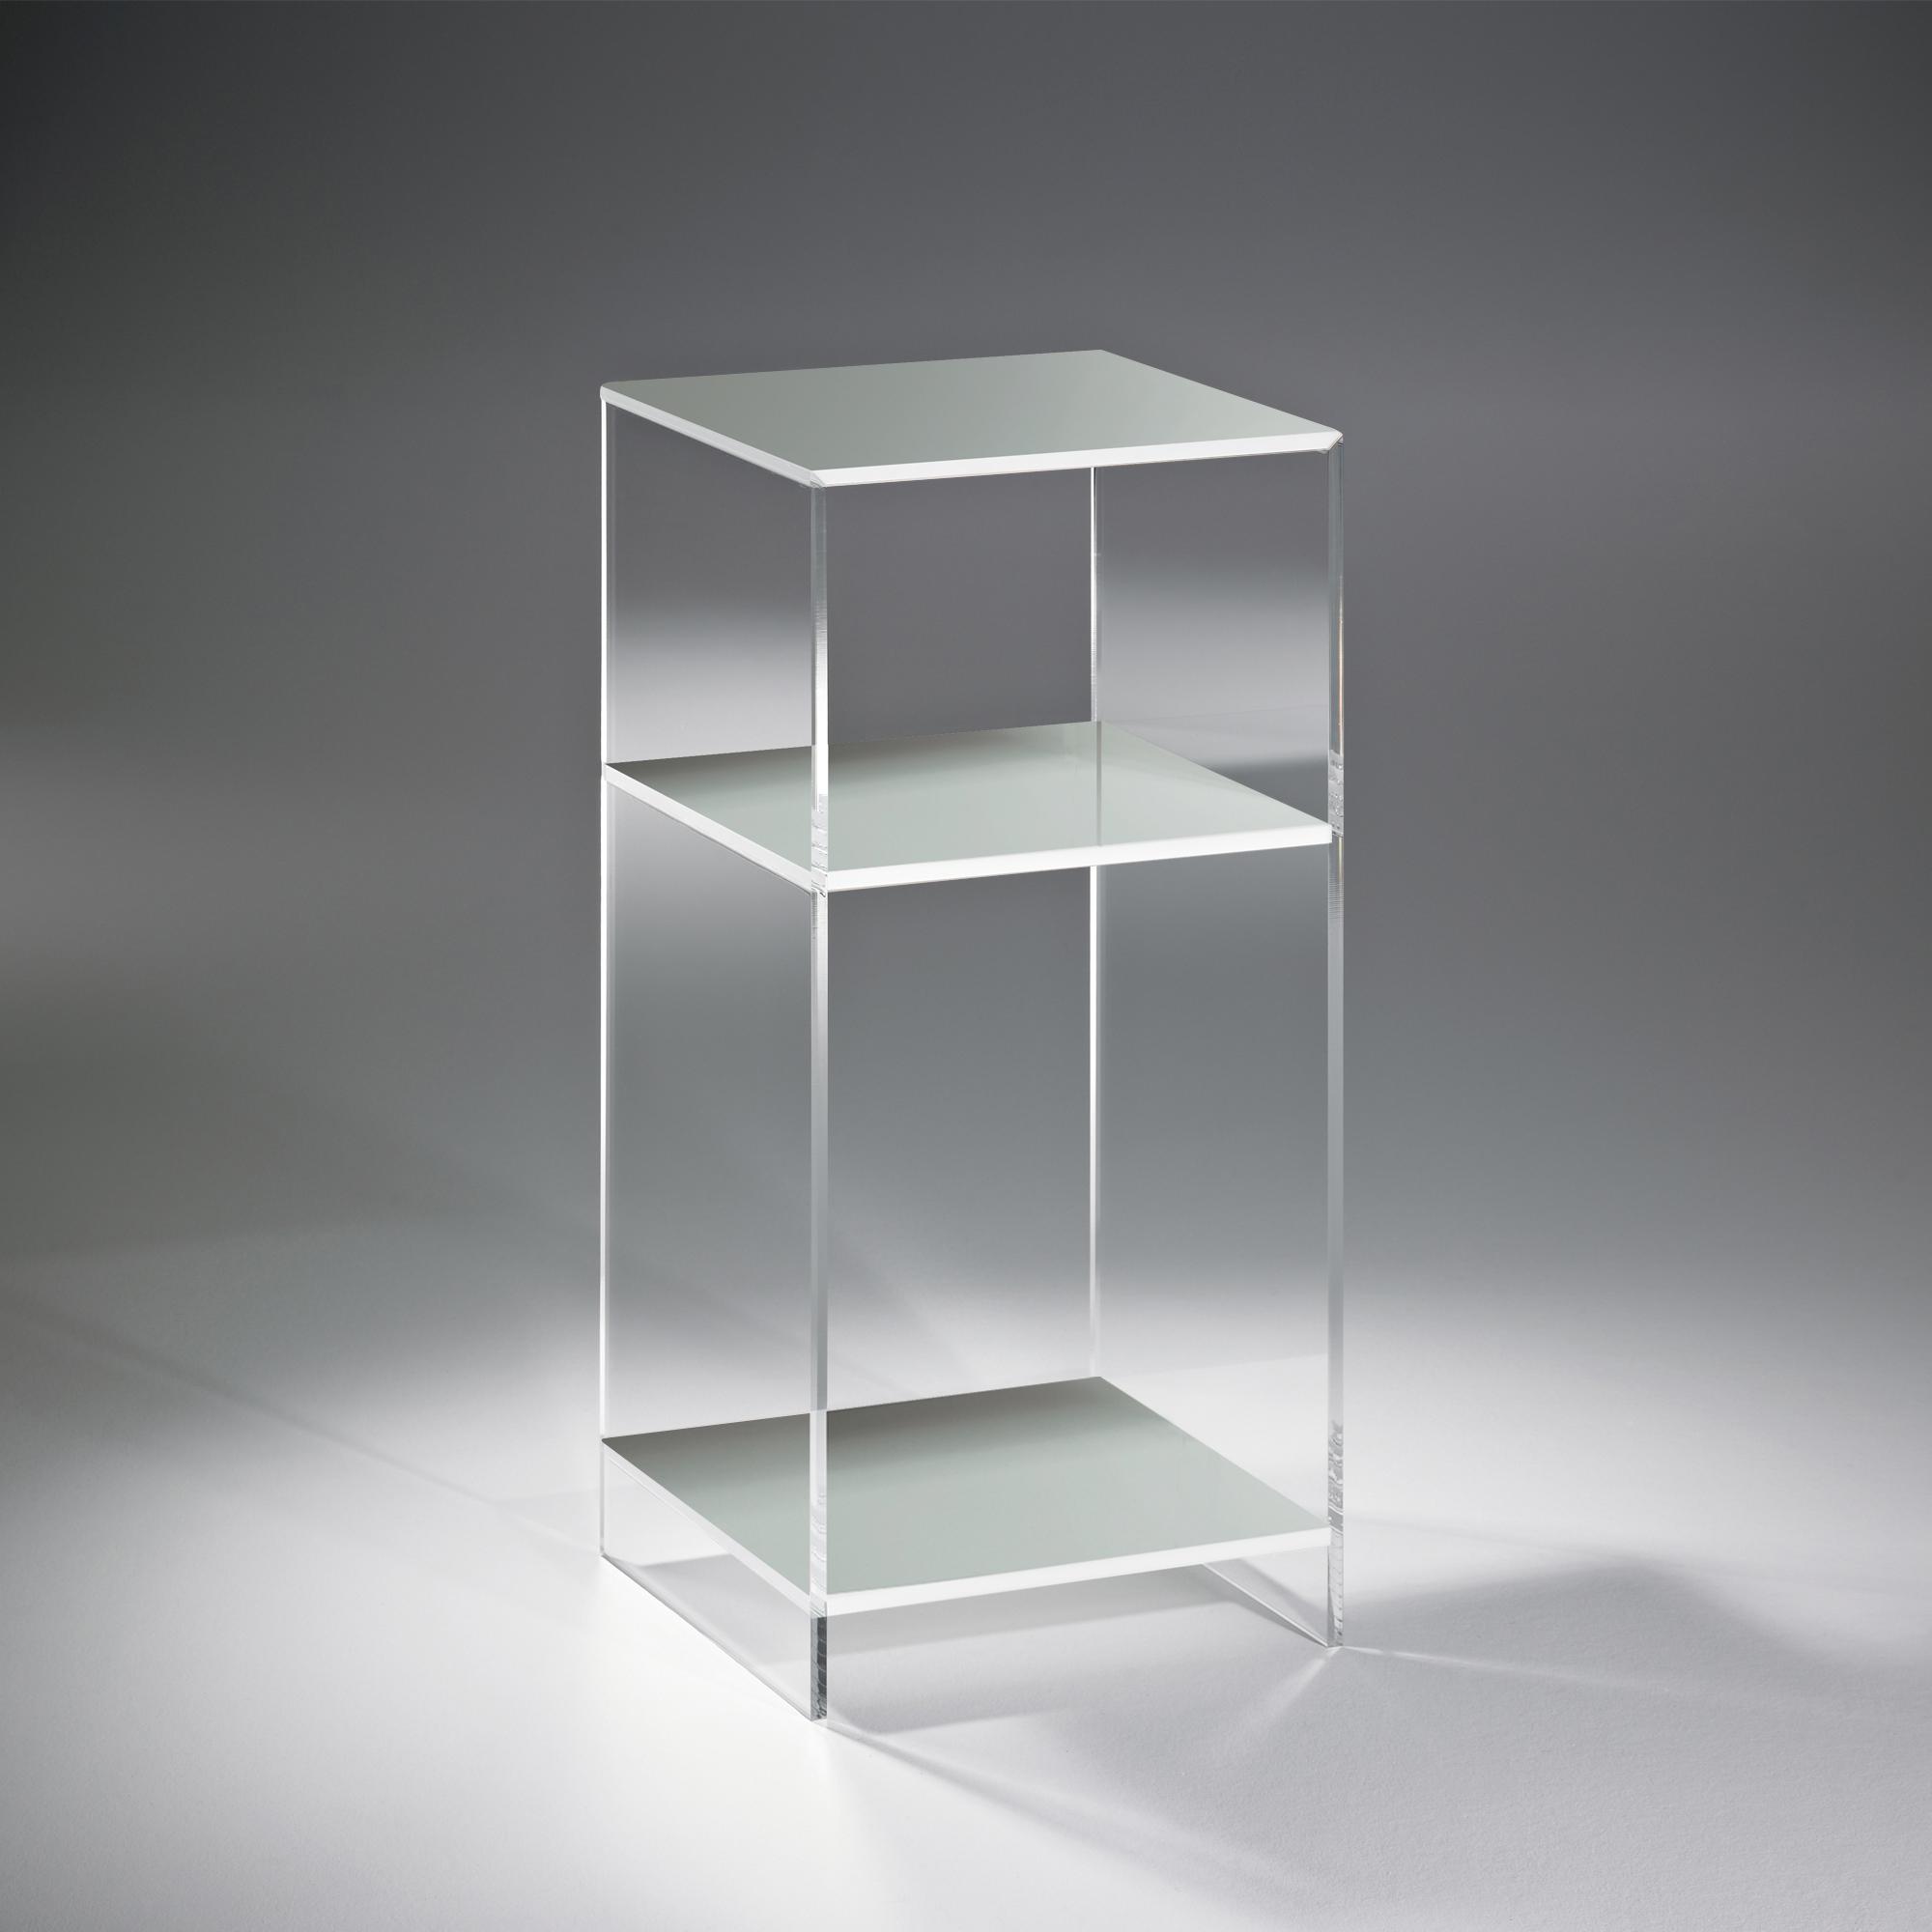 nachttisch las vegas f r boxspringbetten h he 65 cm acrylglas hellgrau wohnen nachttische. Black Bedroom Furniture Sets. Home Design Ideas